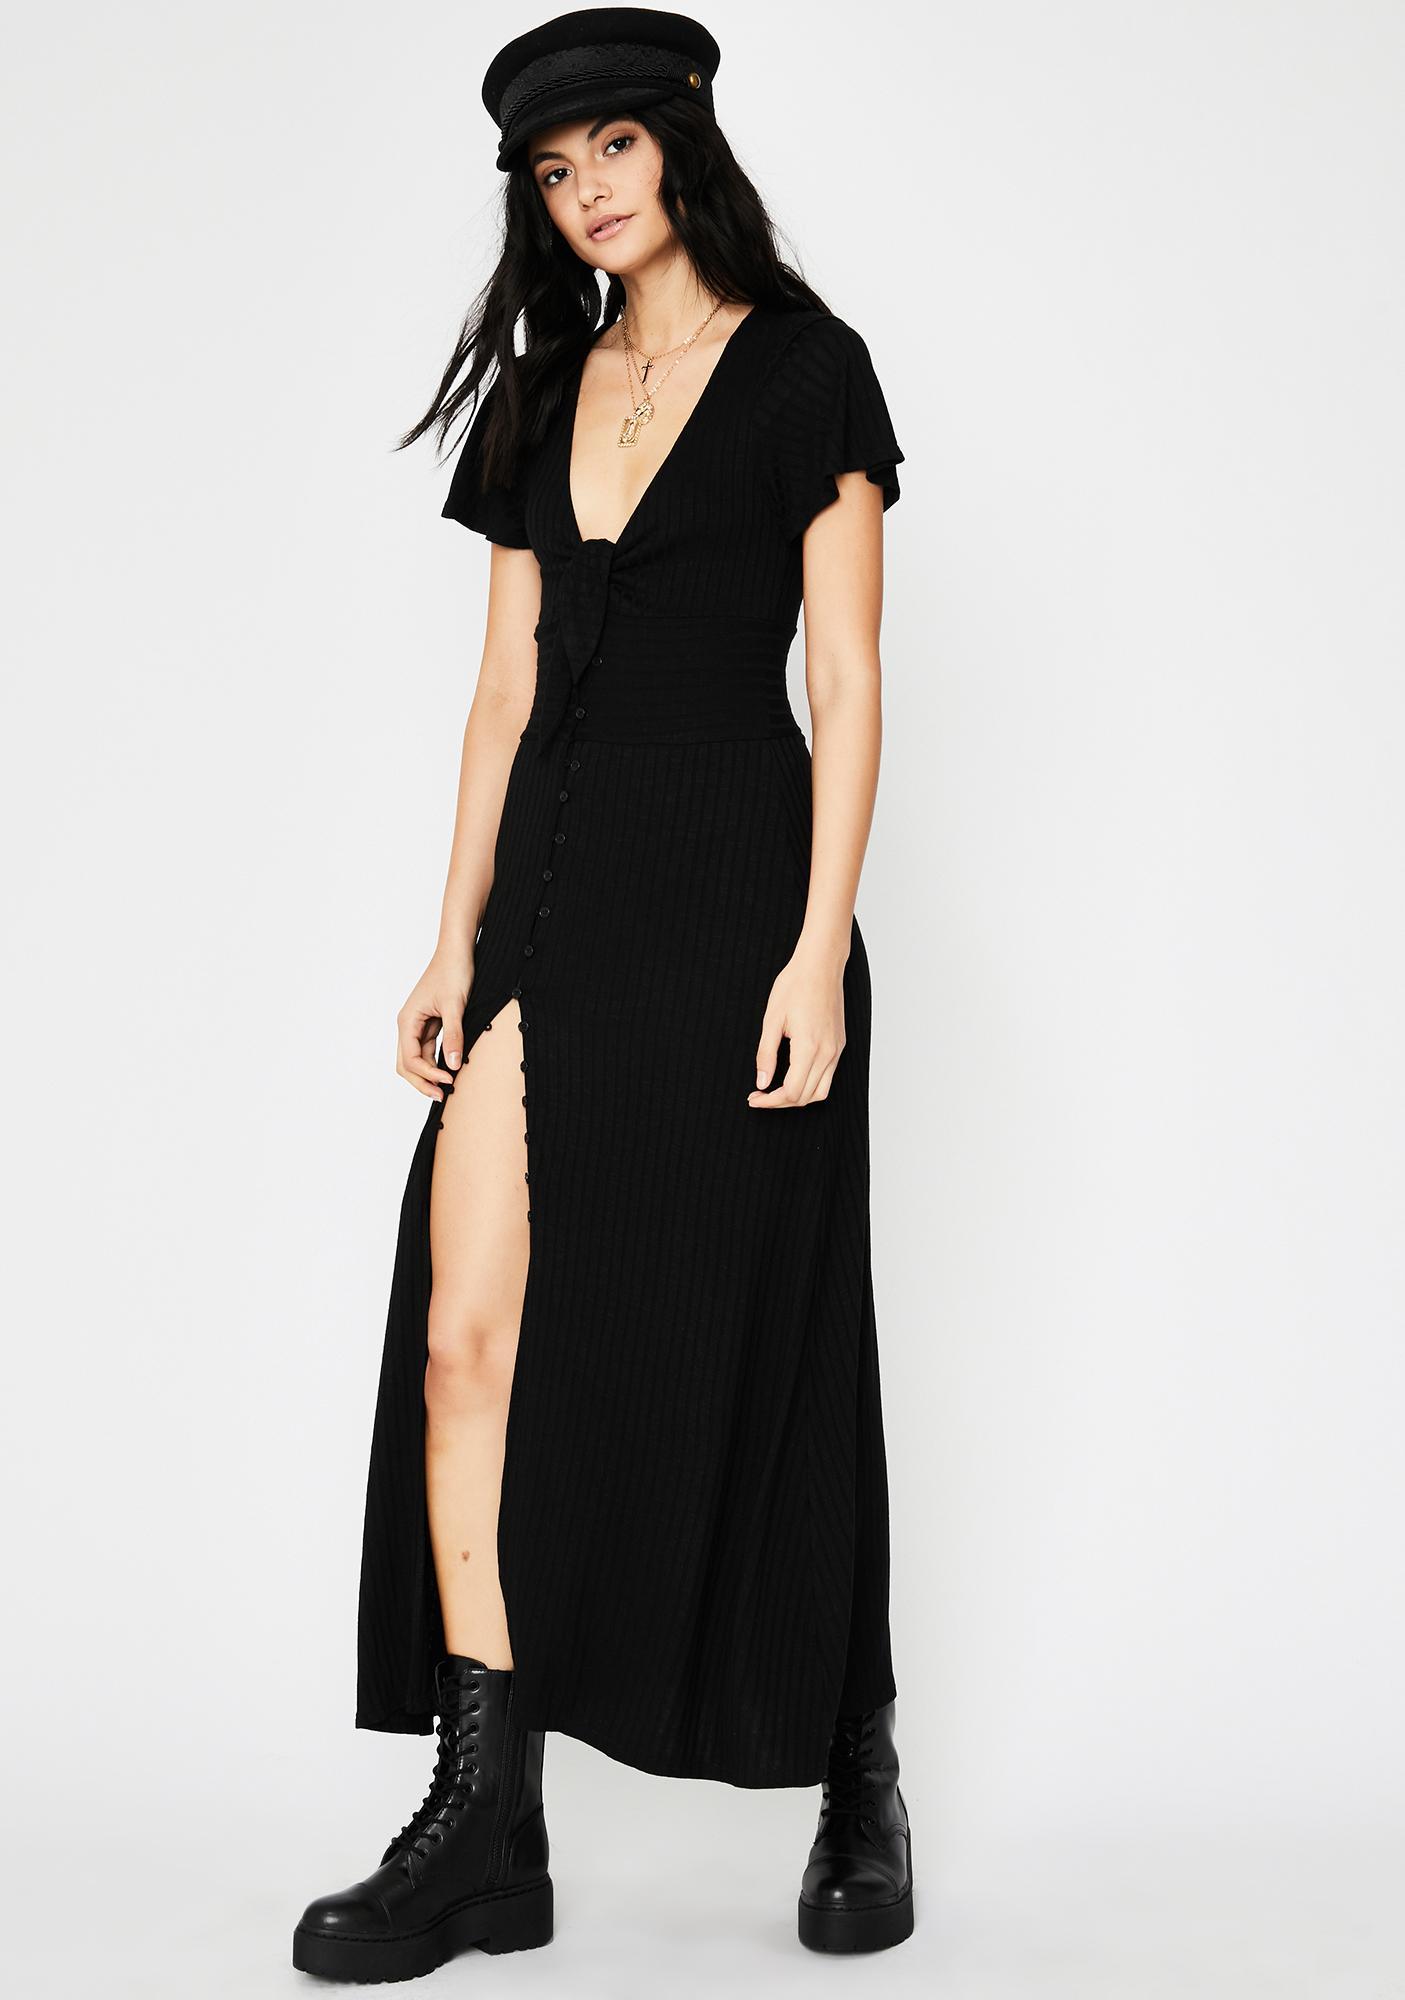 753bf9db395 Moonlit Mayhem Maxi Dress · Moonlit Mayhem Maxi Dress ...